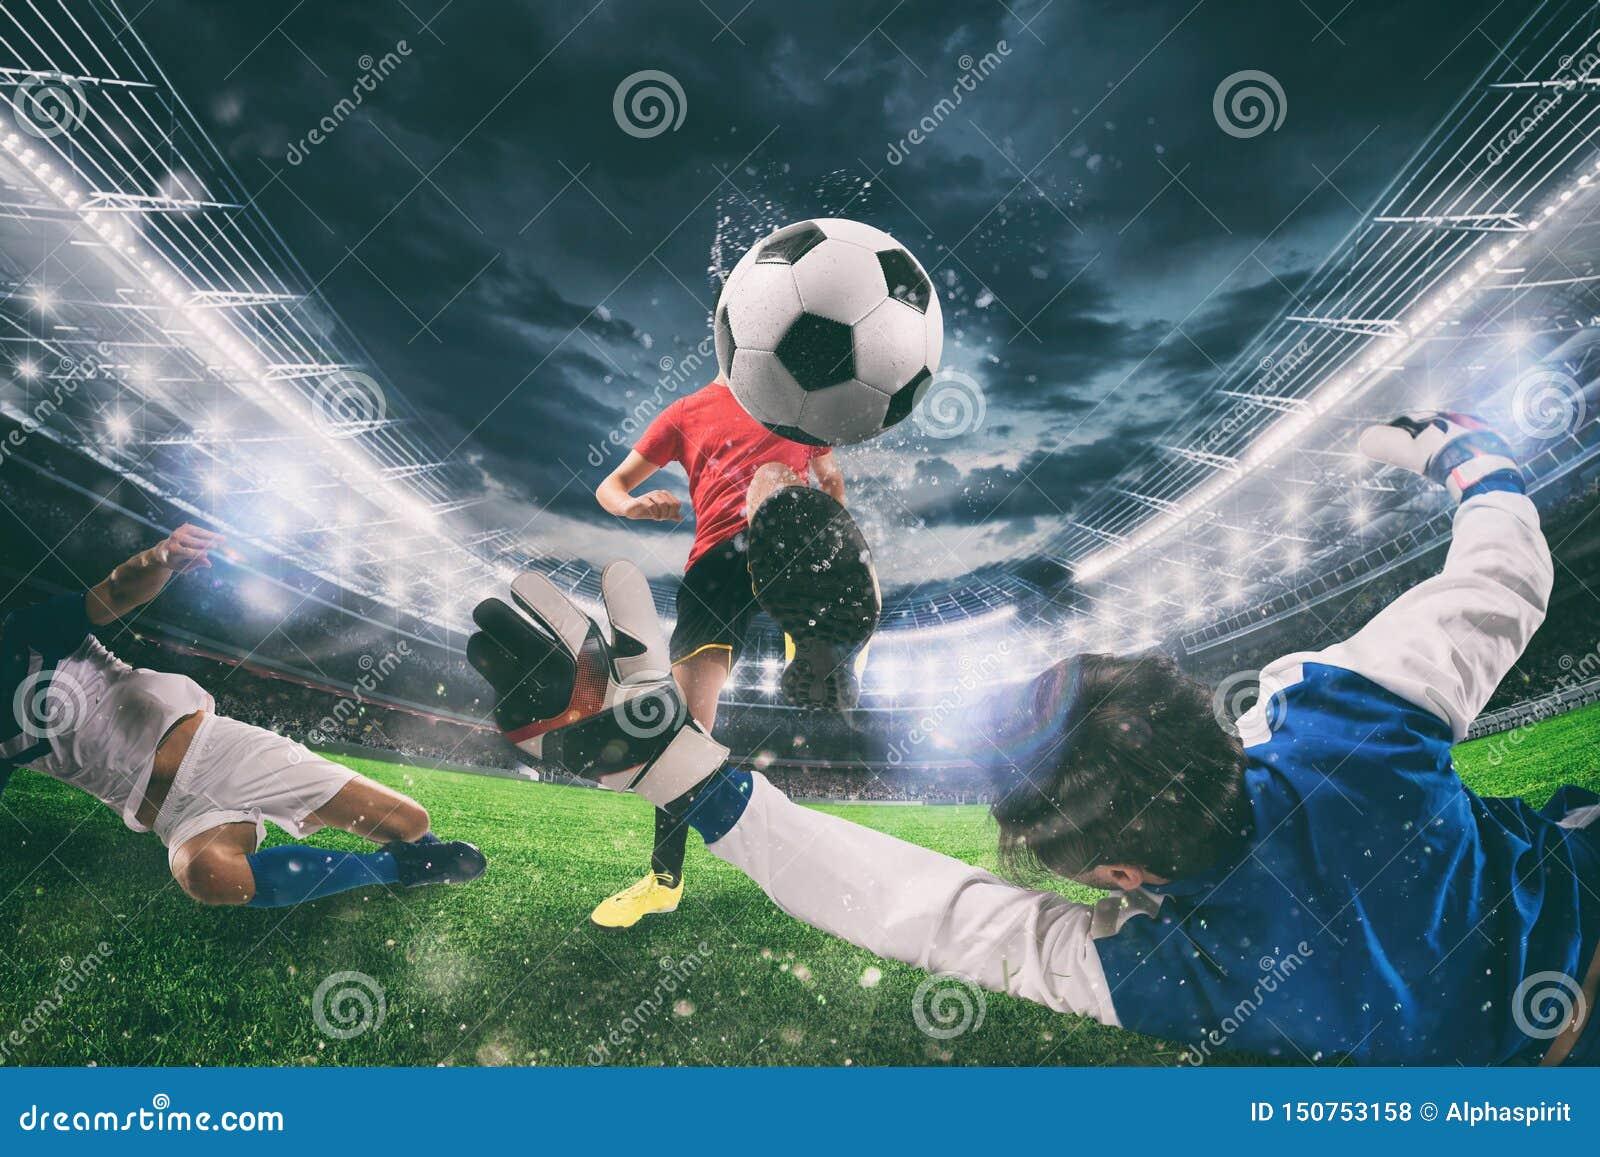 Закройте вверх сцены действия футбола с состязаясь футболистами на стадионе во время спички ночи